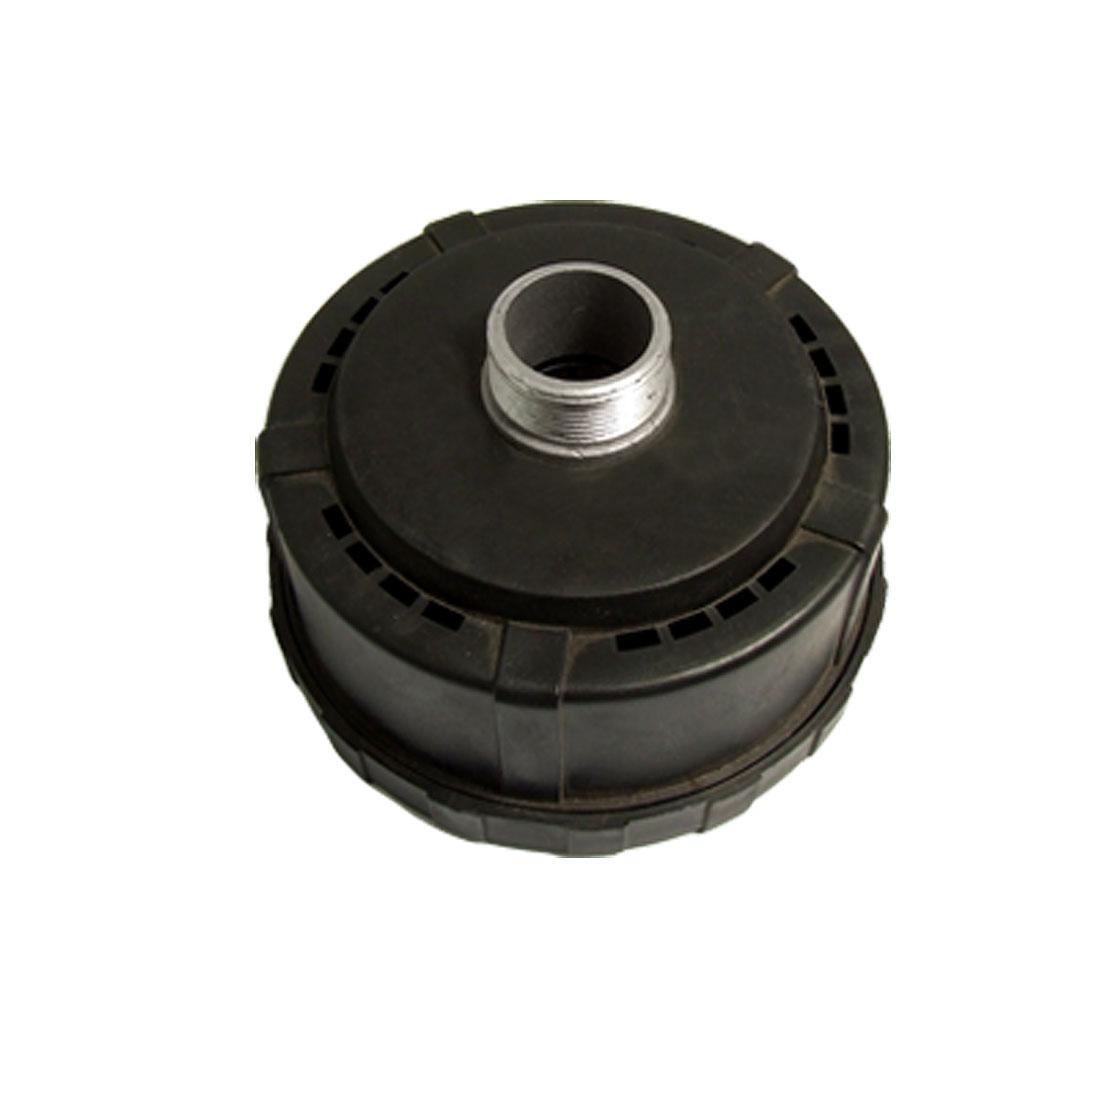 """1 1/4"""" Black Inlet Filter Silencer for Air Compressor"""